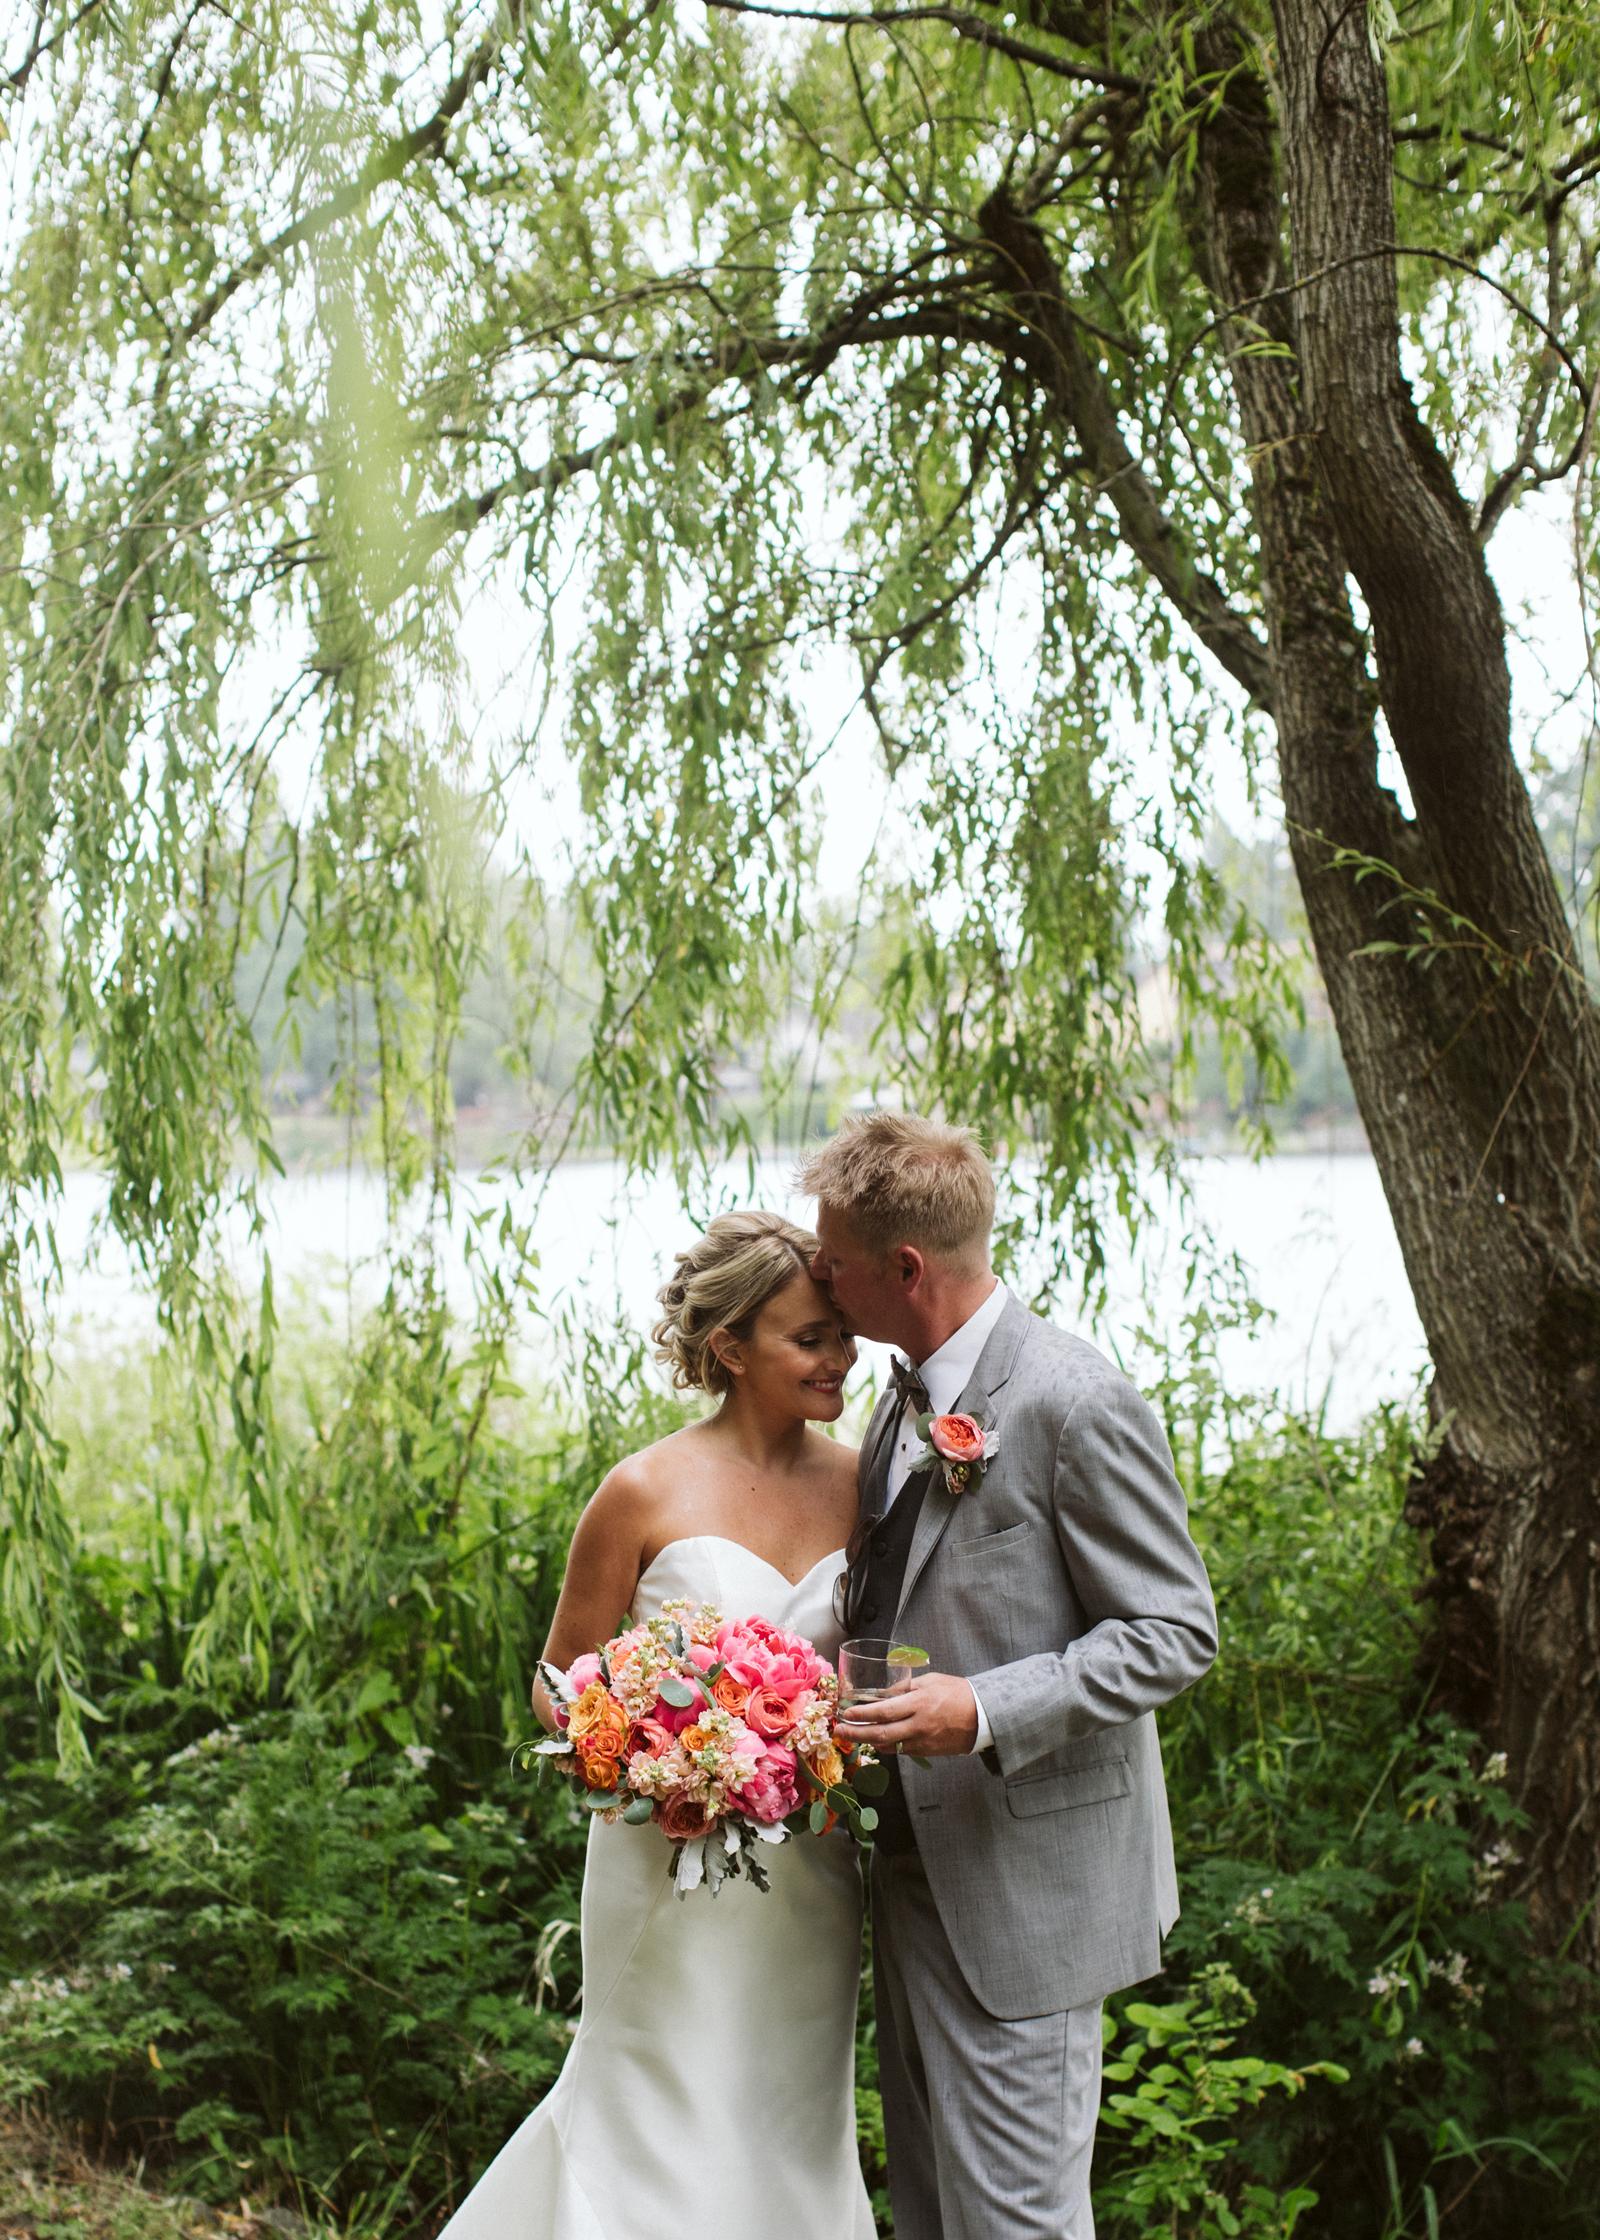 113-daronjackson-gabby-alec-wedding.jpg